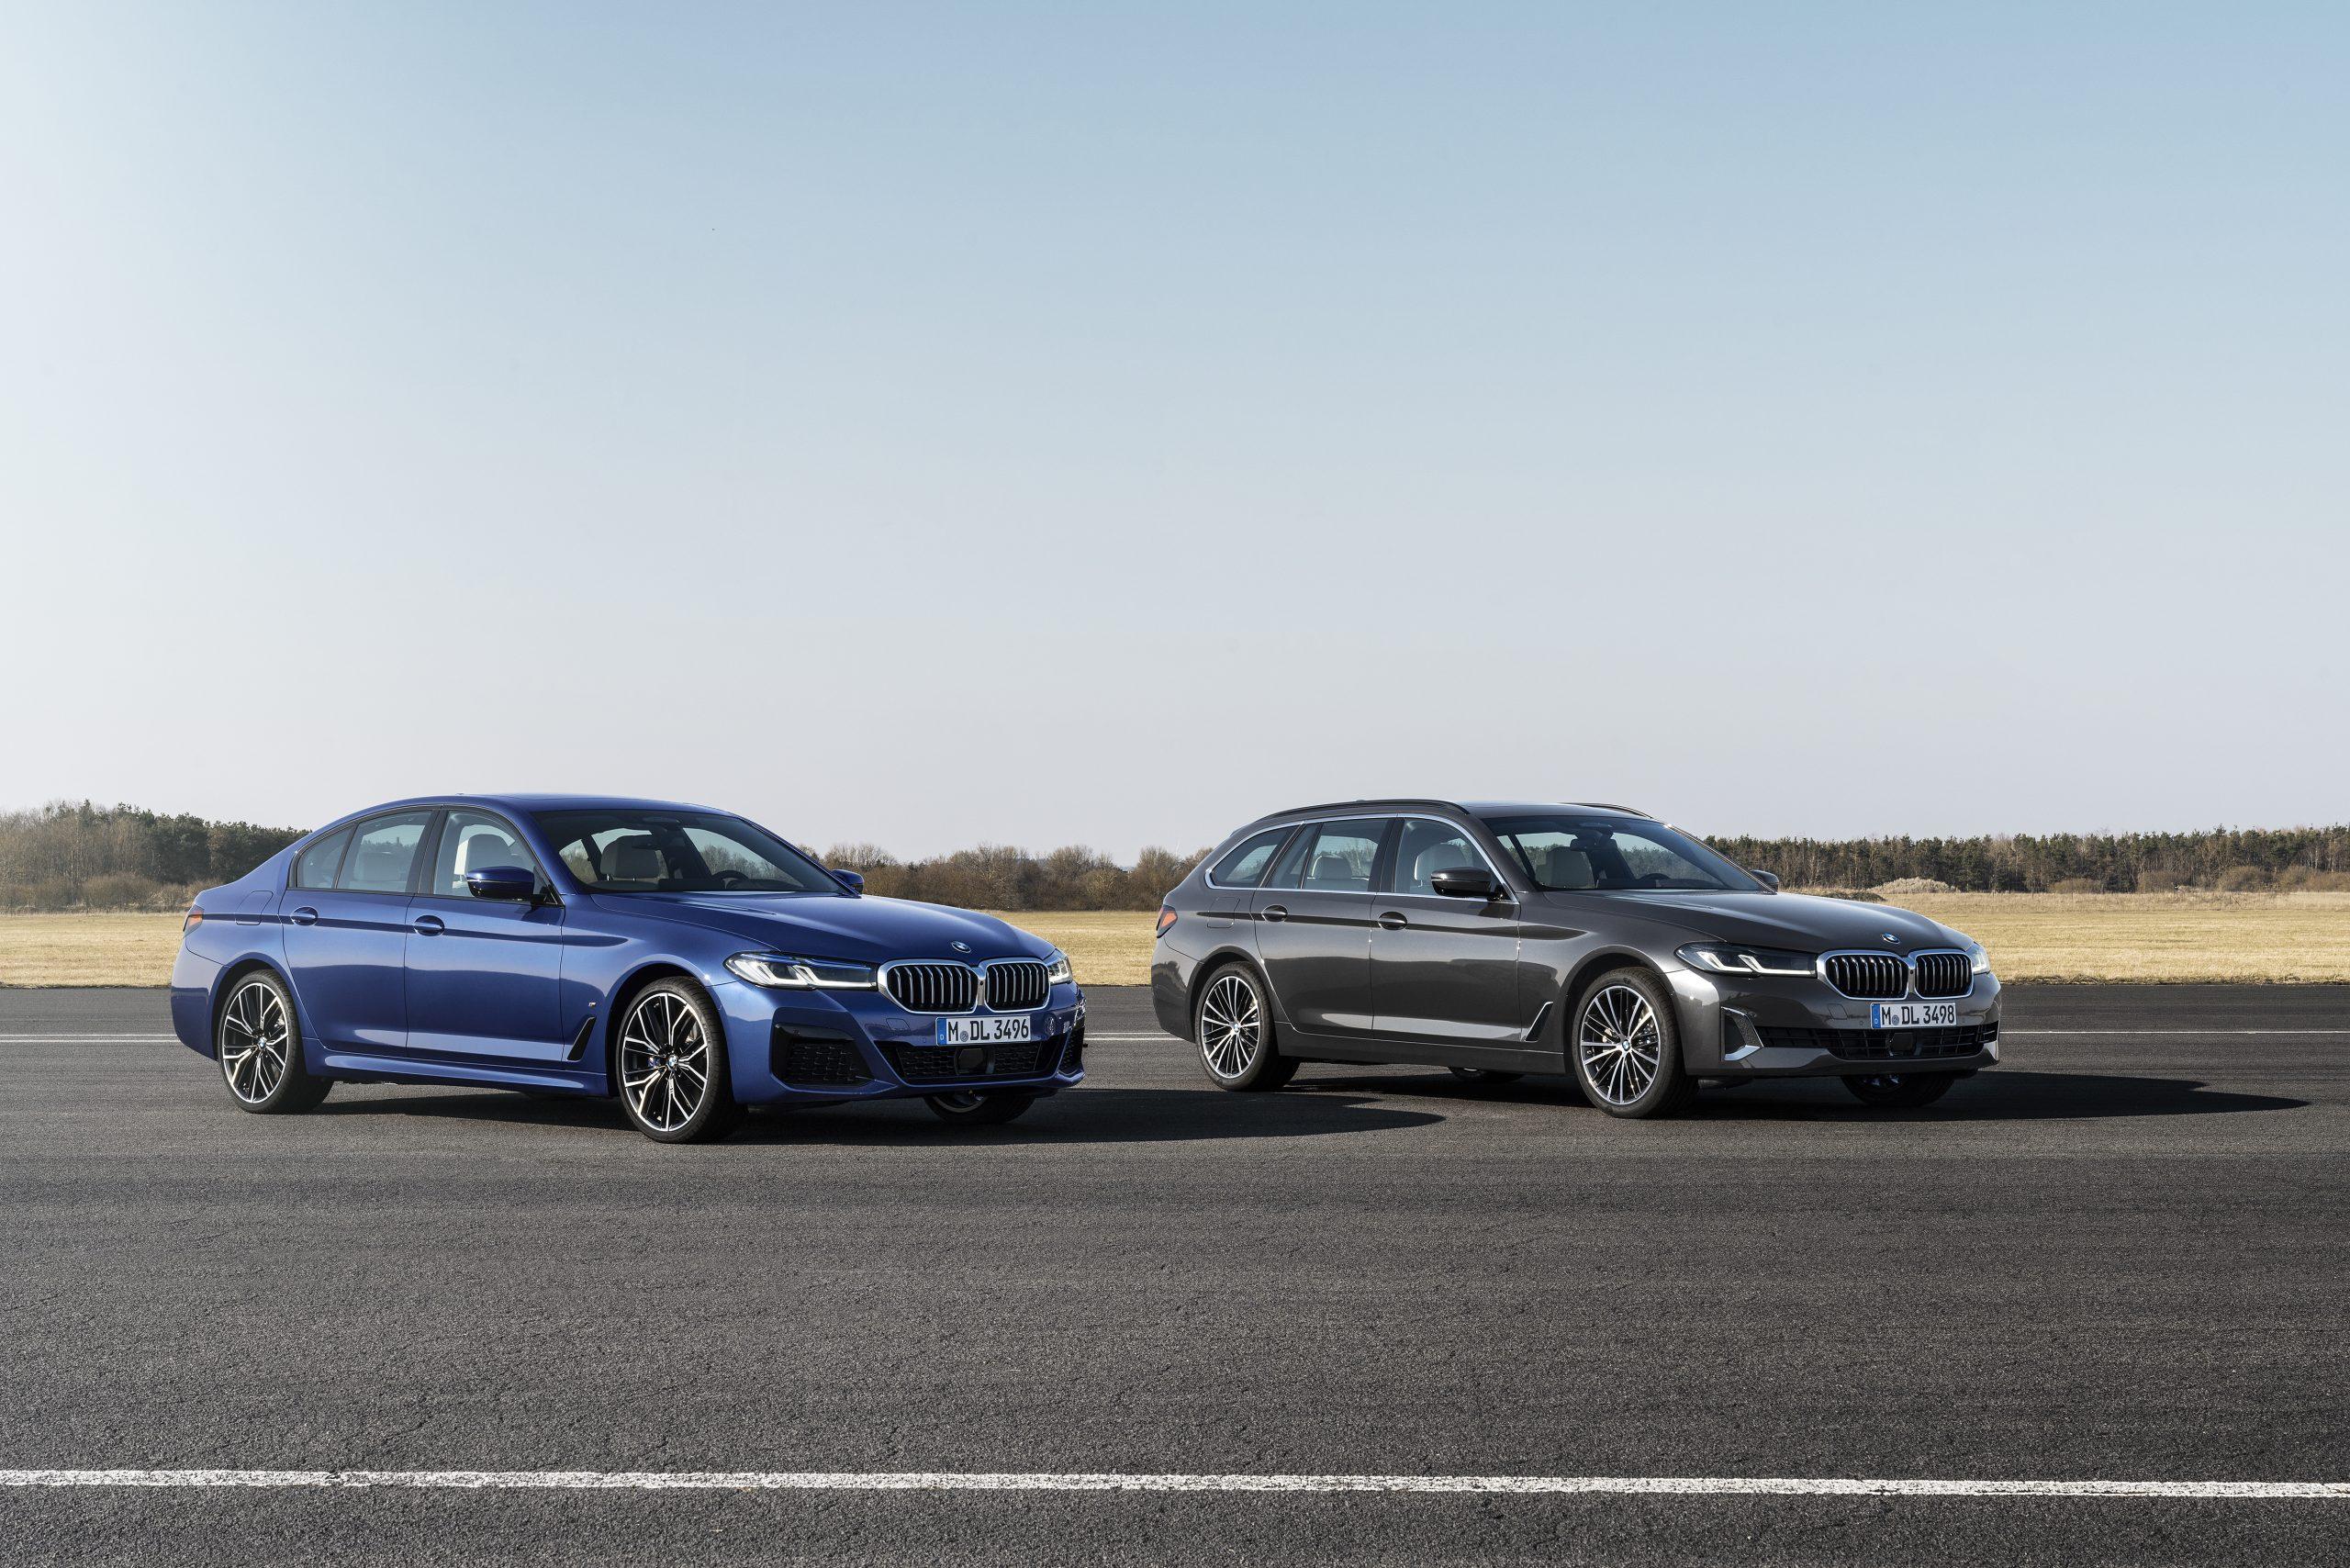 De nieuwe BMW 5 Serie